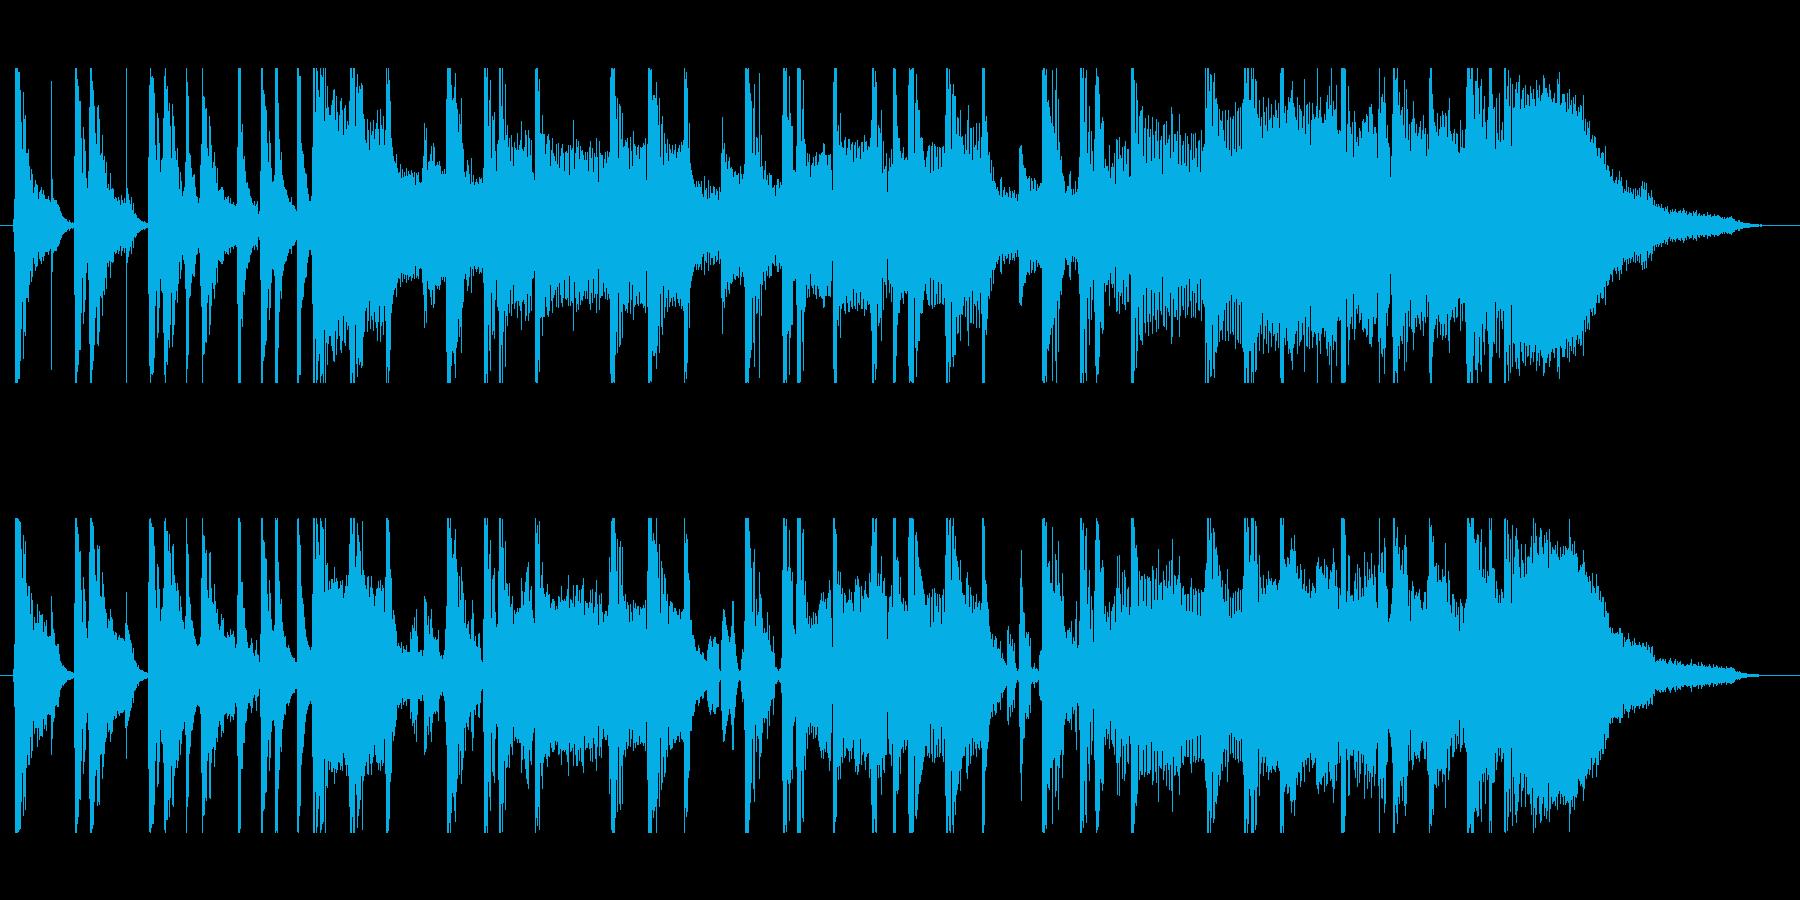 HipHopなジングルの再生済みの波形